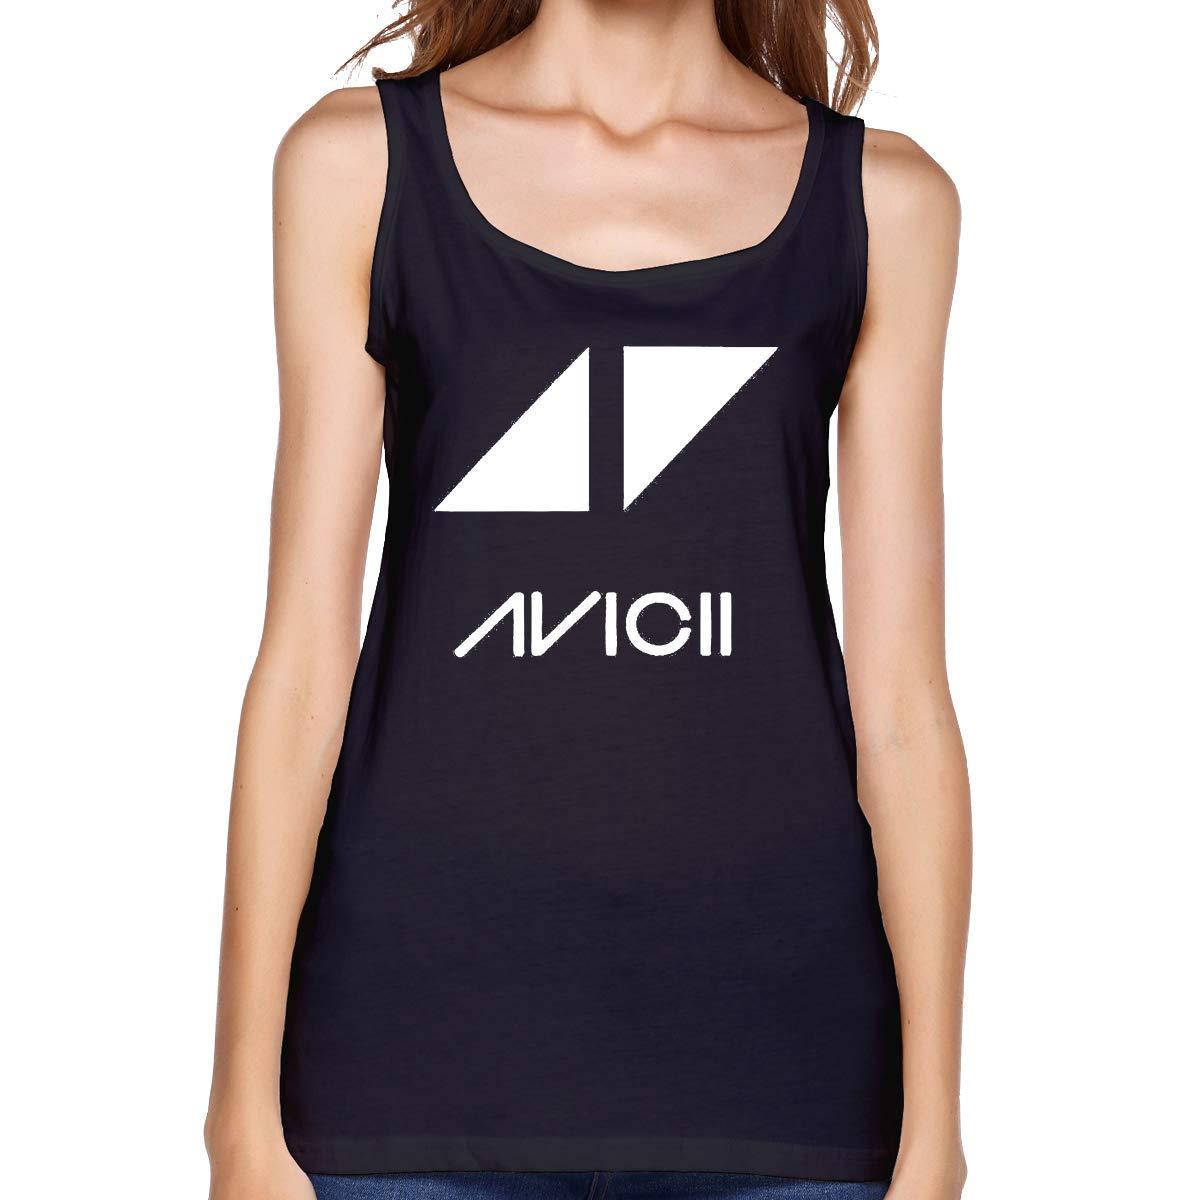 WoPour des Hommes Avicii Logo Basic Vest Tank Top Shirts